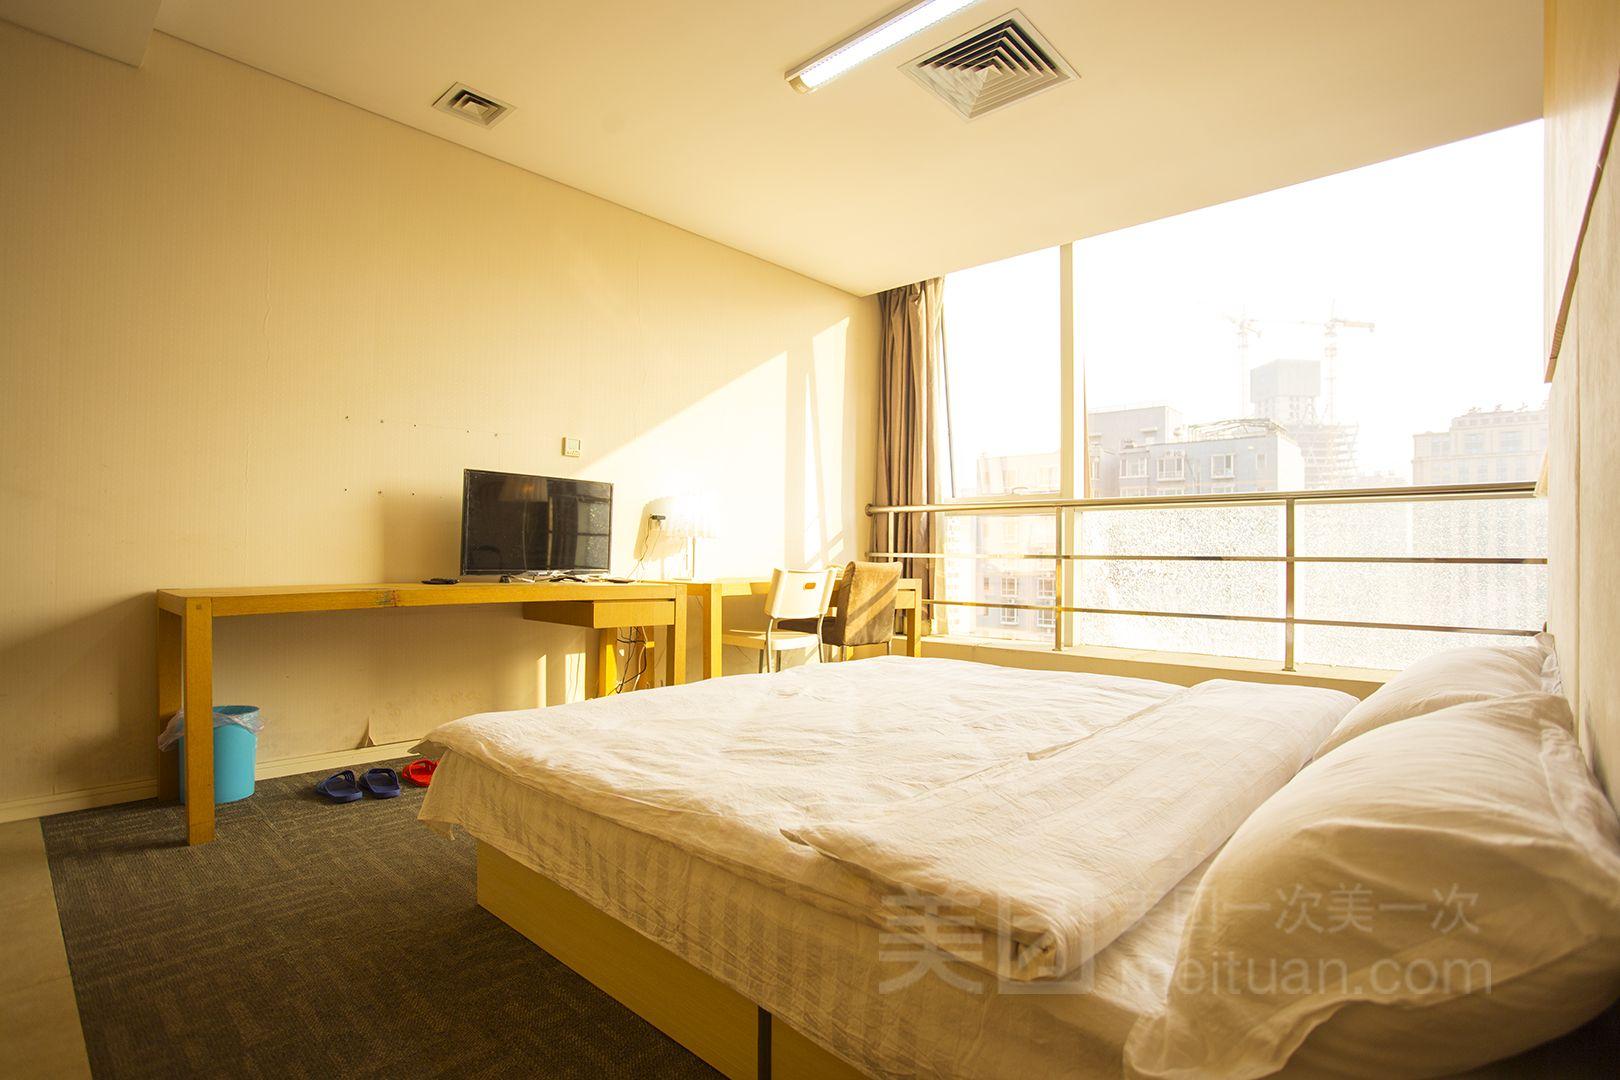 红领巾桥南华业国际公寓精致大开间预订/团购